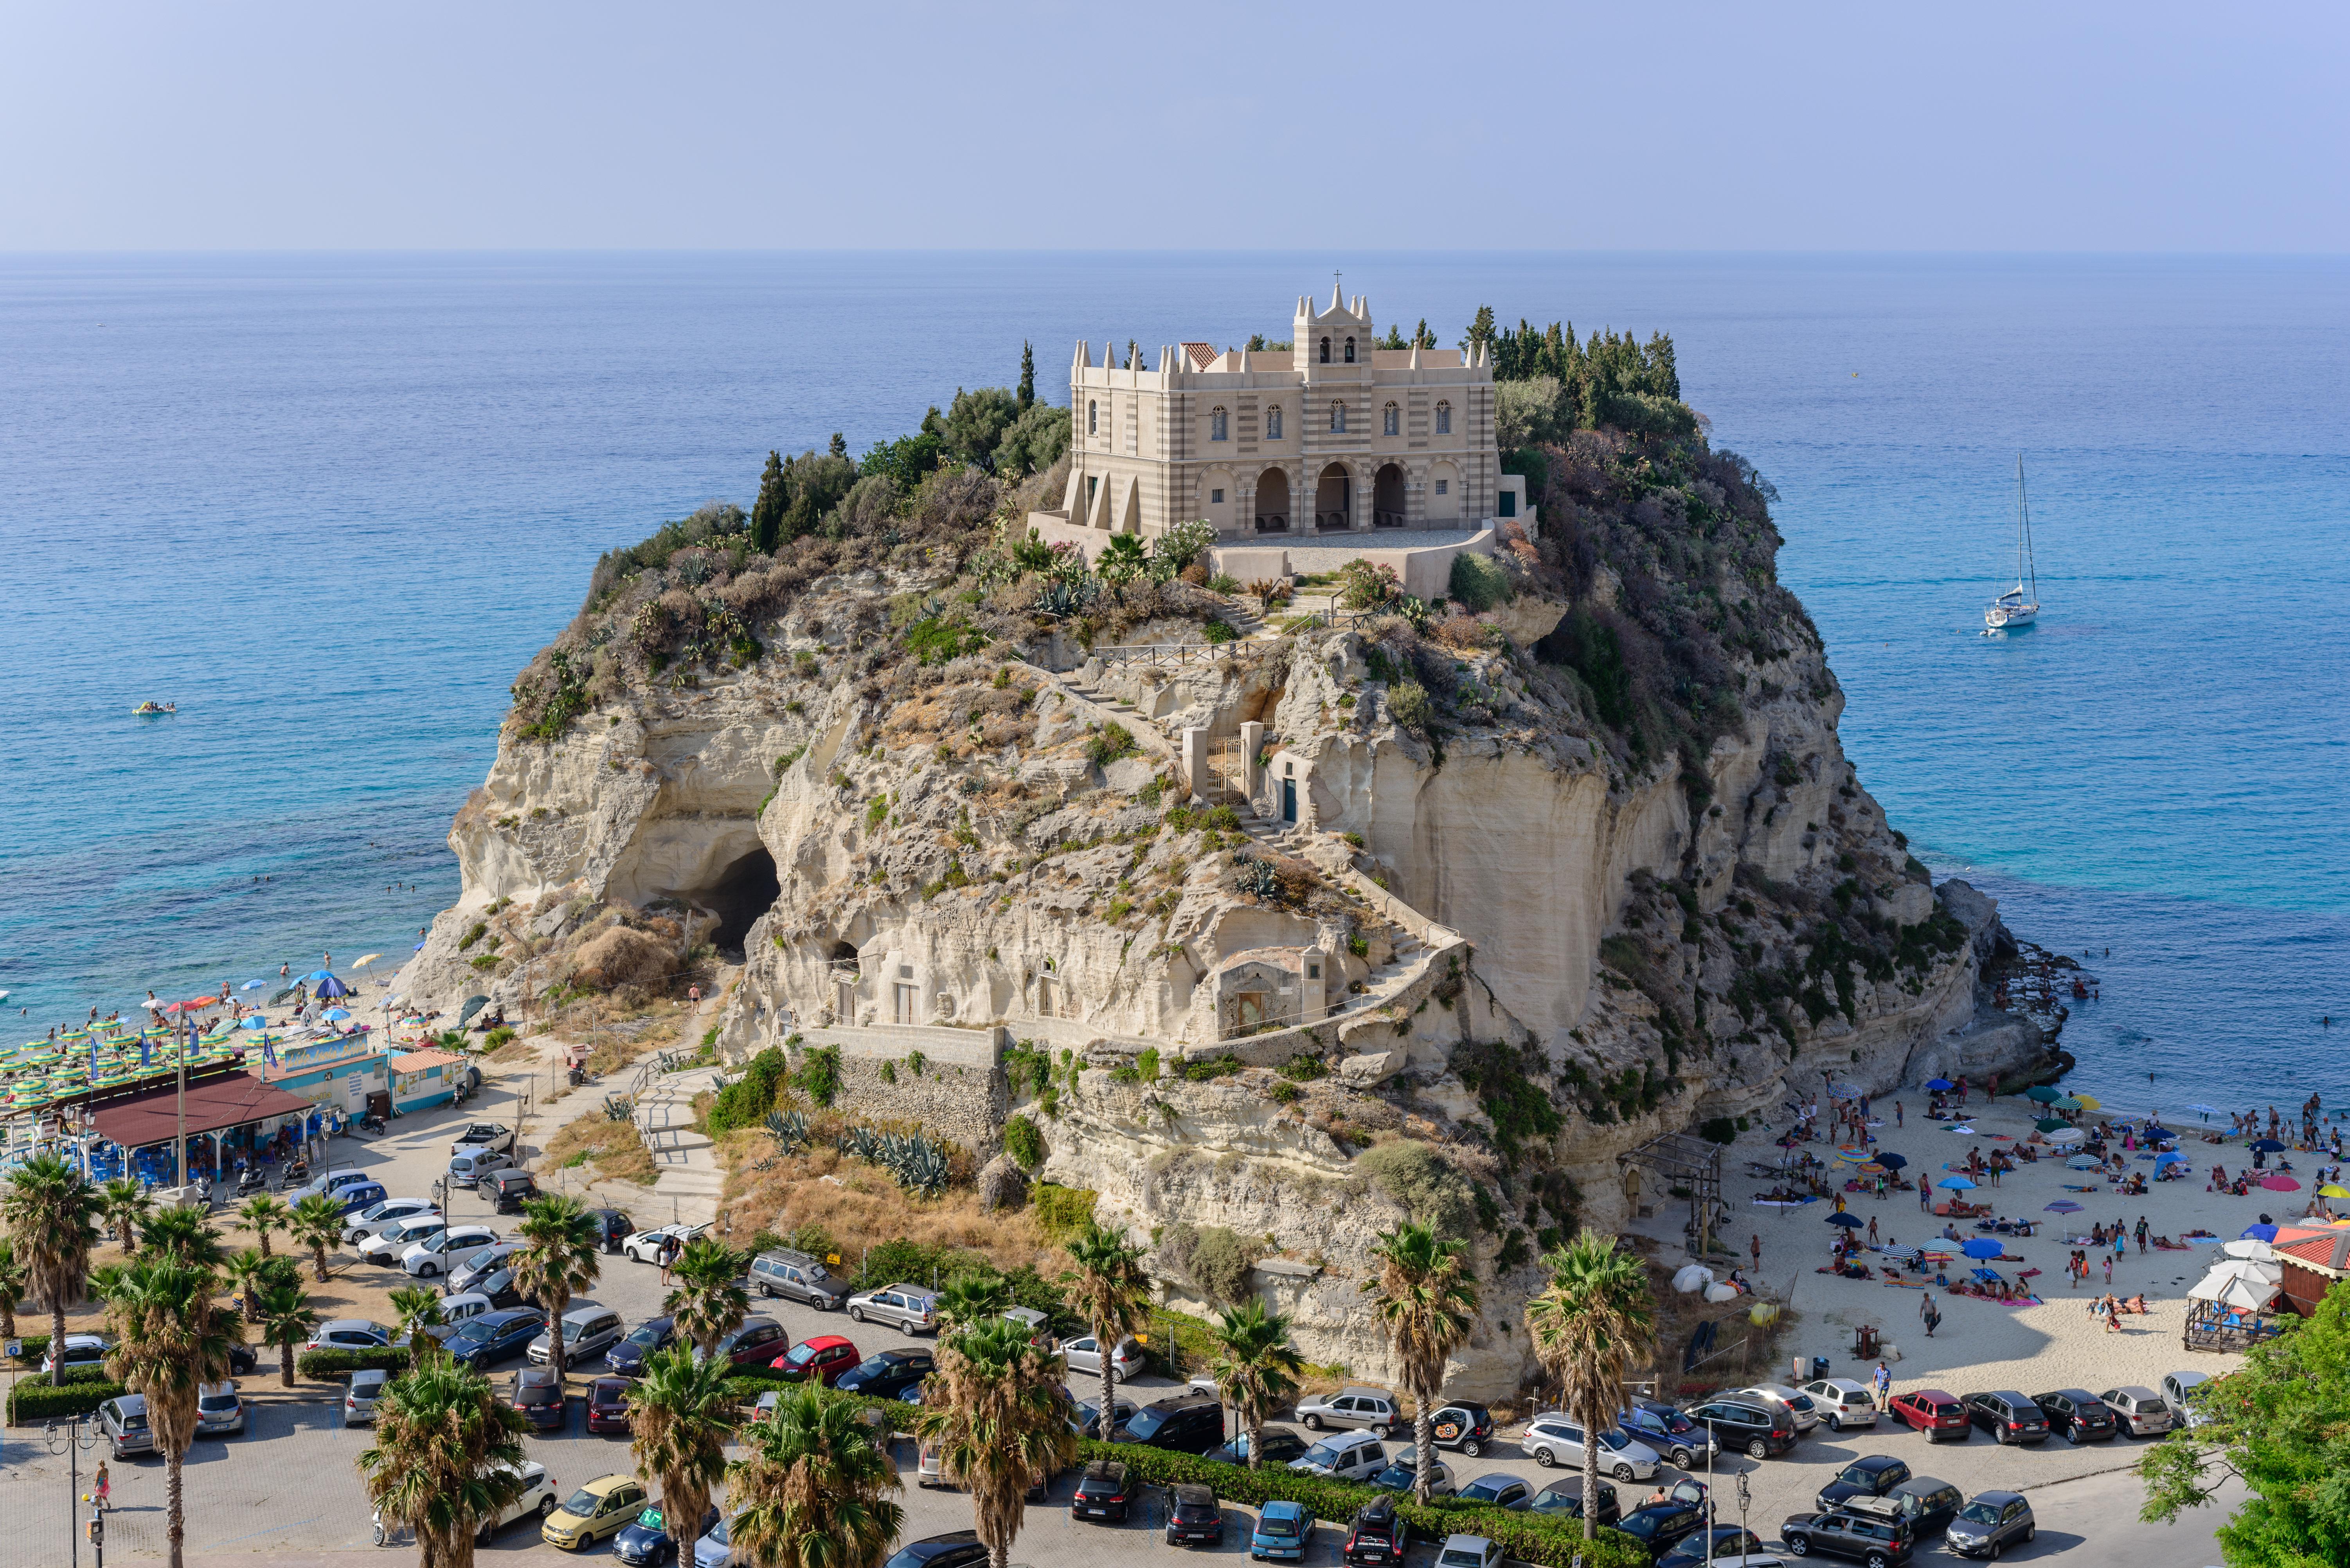 Turismo Calabria - photo credit: Norbert Nagel